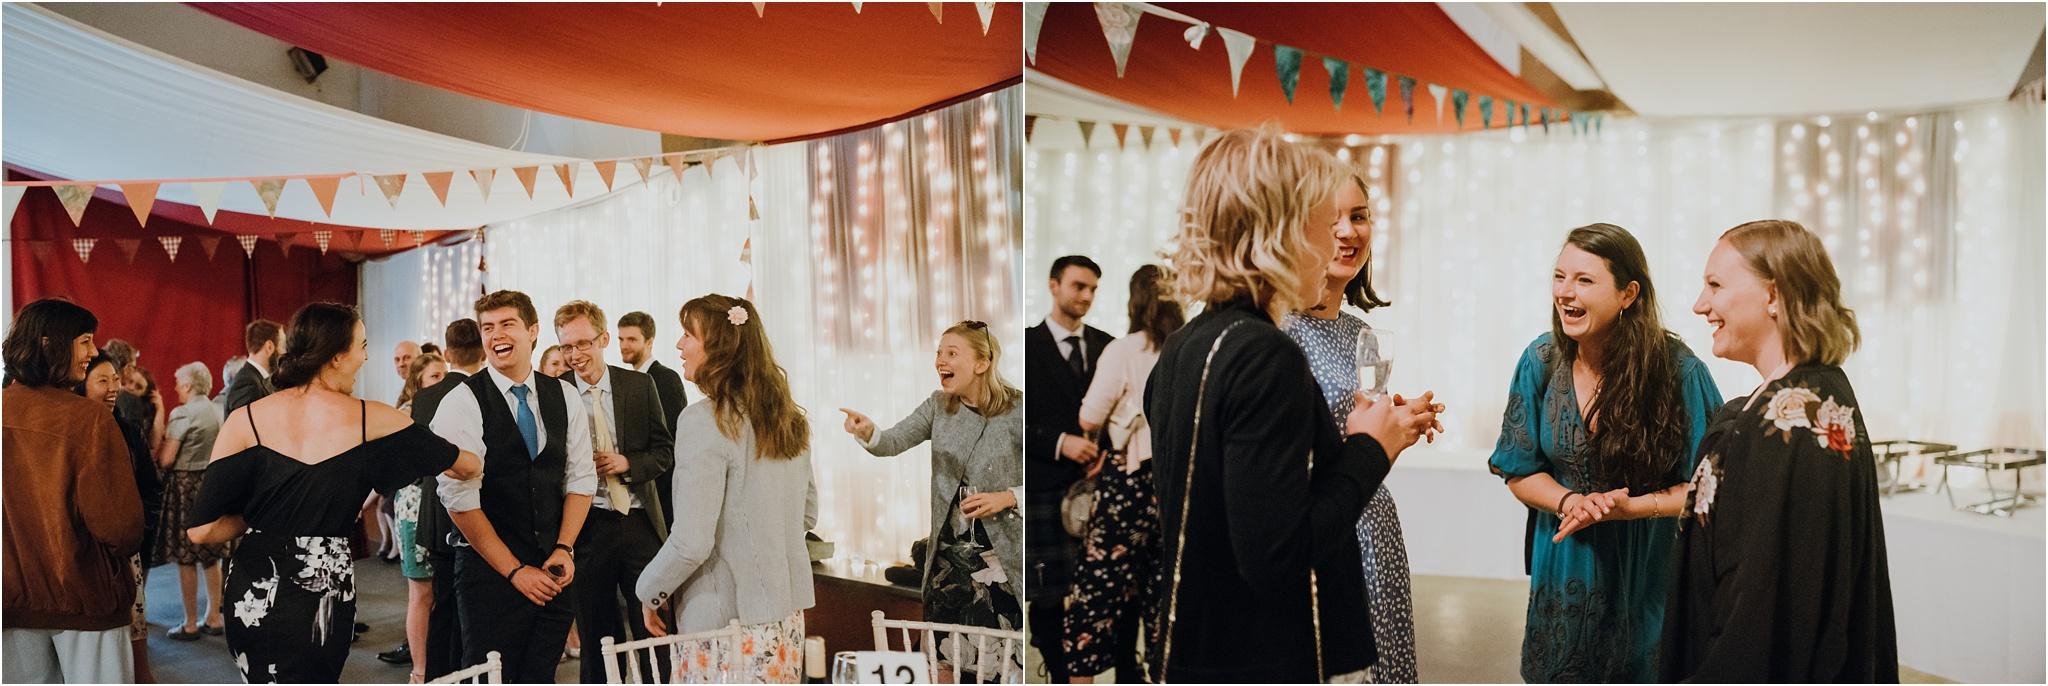 Edinburgh-barn-wedding-photographer_88.jpg